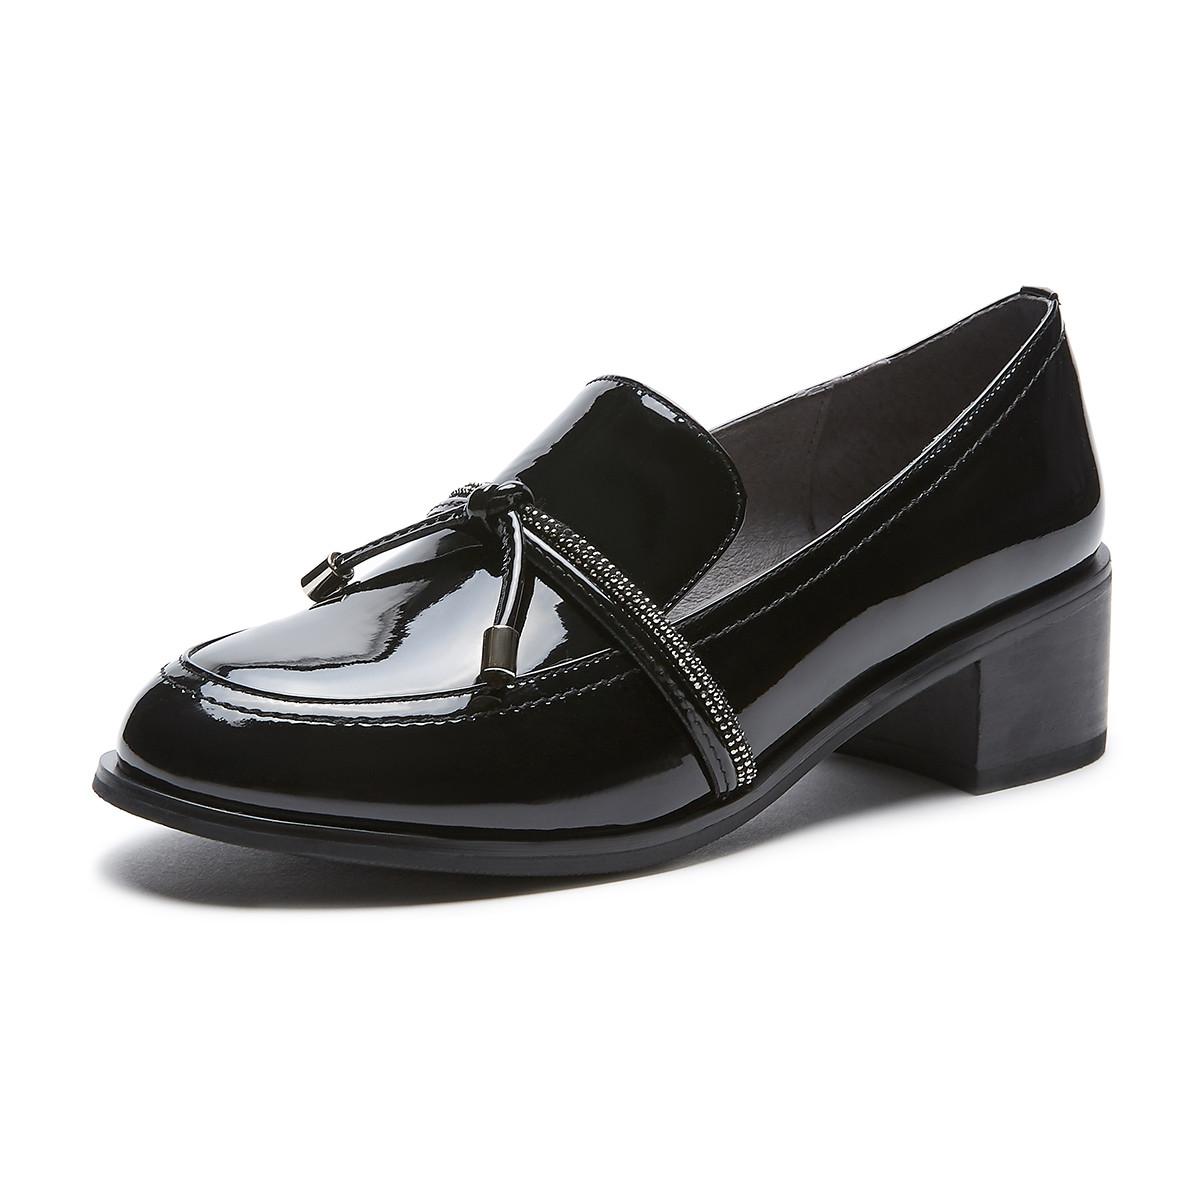 热风商场同款2020年春季新款女士时尚烫钻深口圆头复古粗跟单鞋H008W0130201